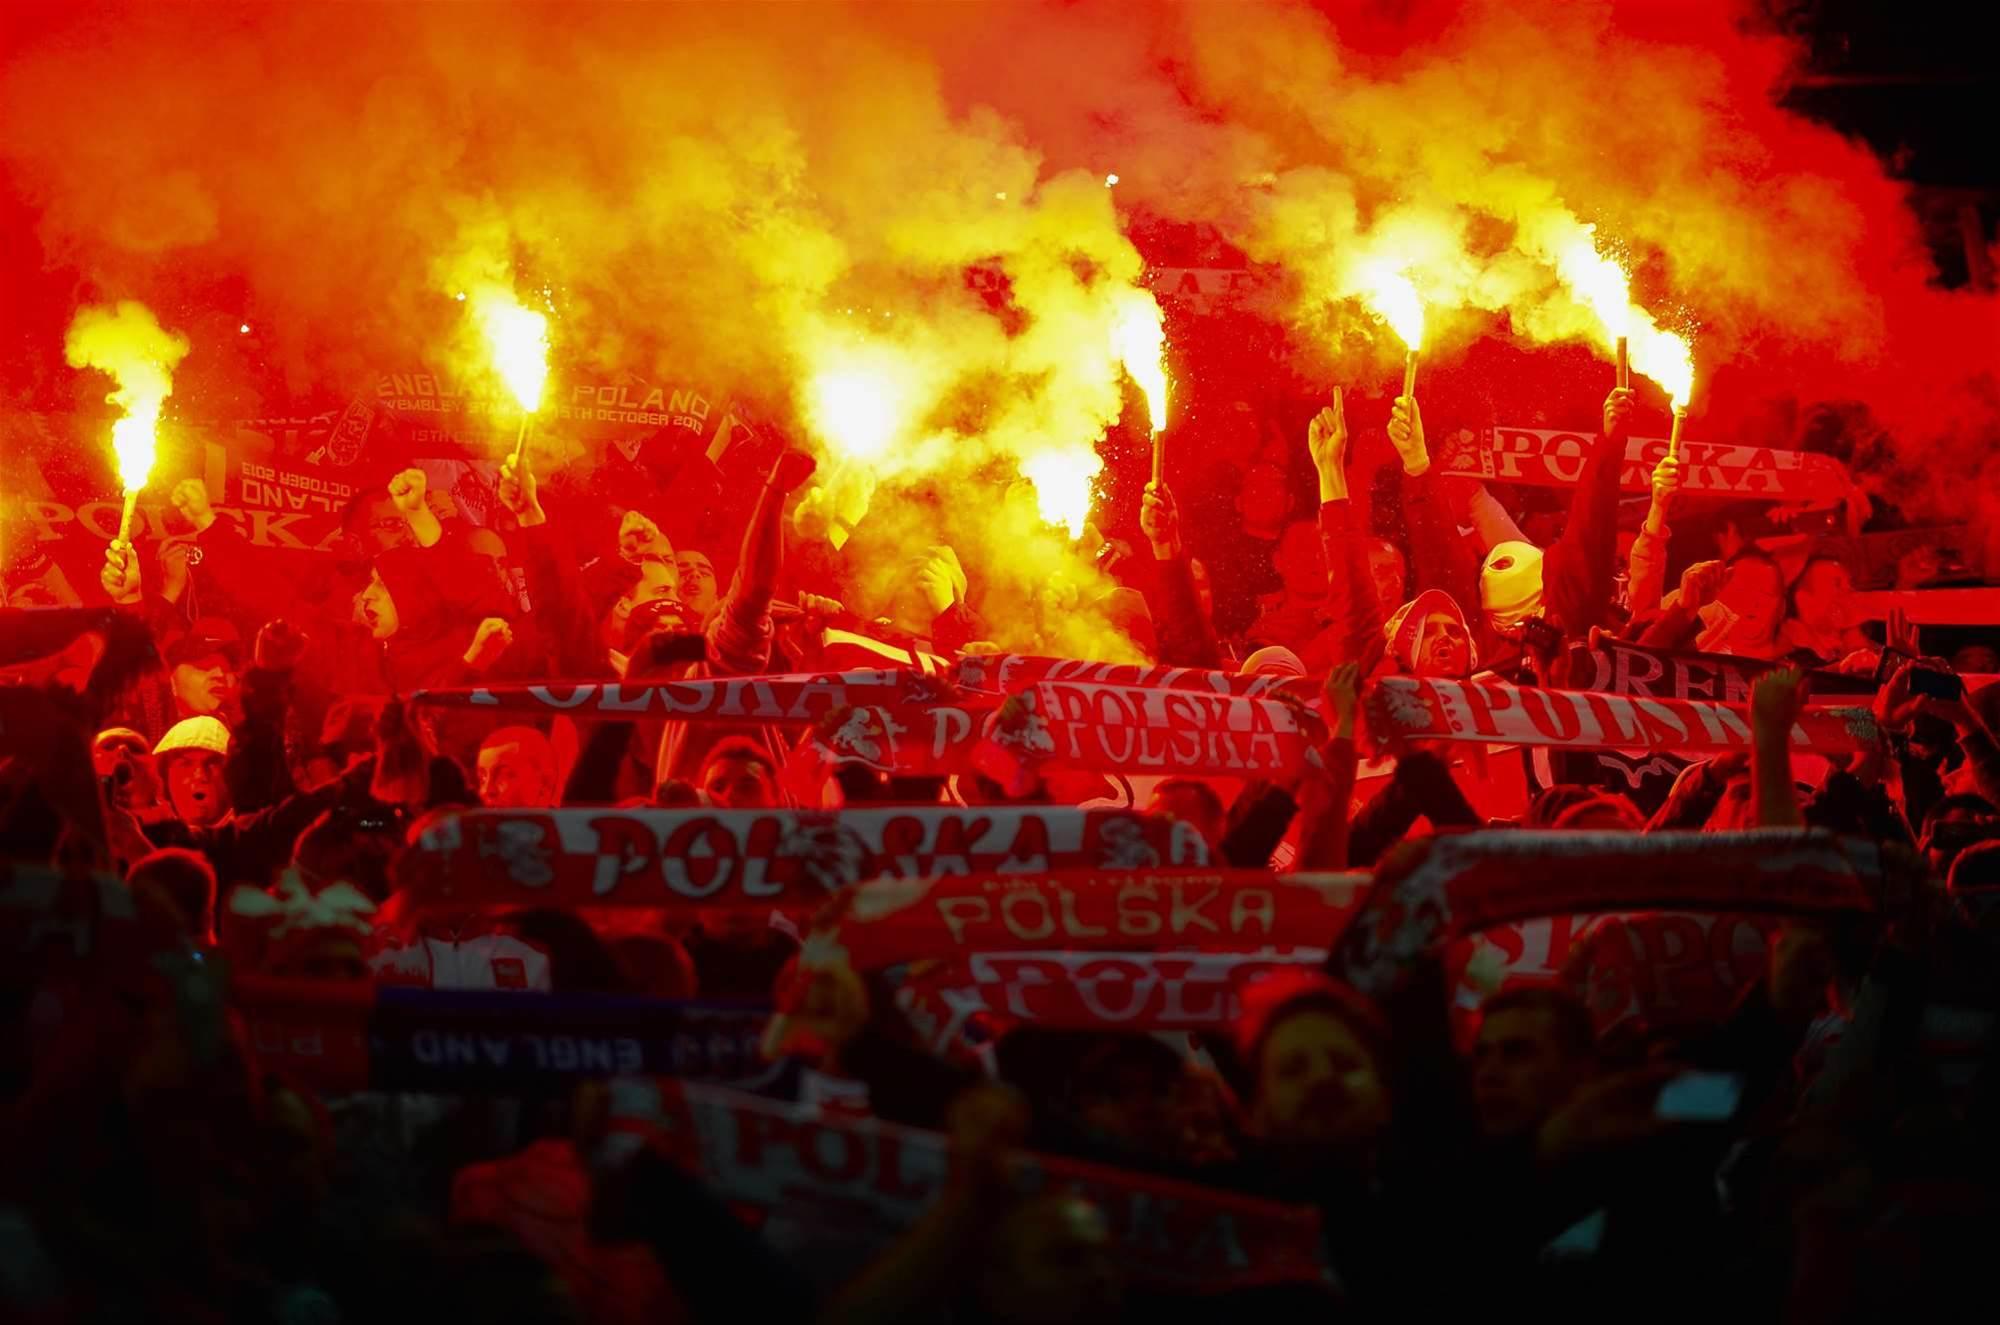 FIFA investigating Wembley incidents